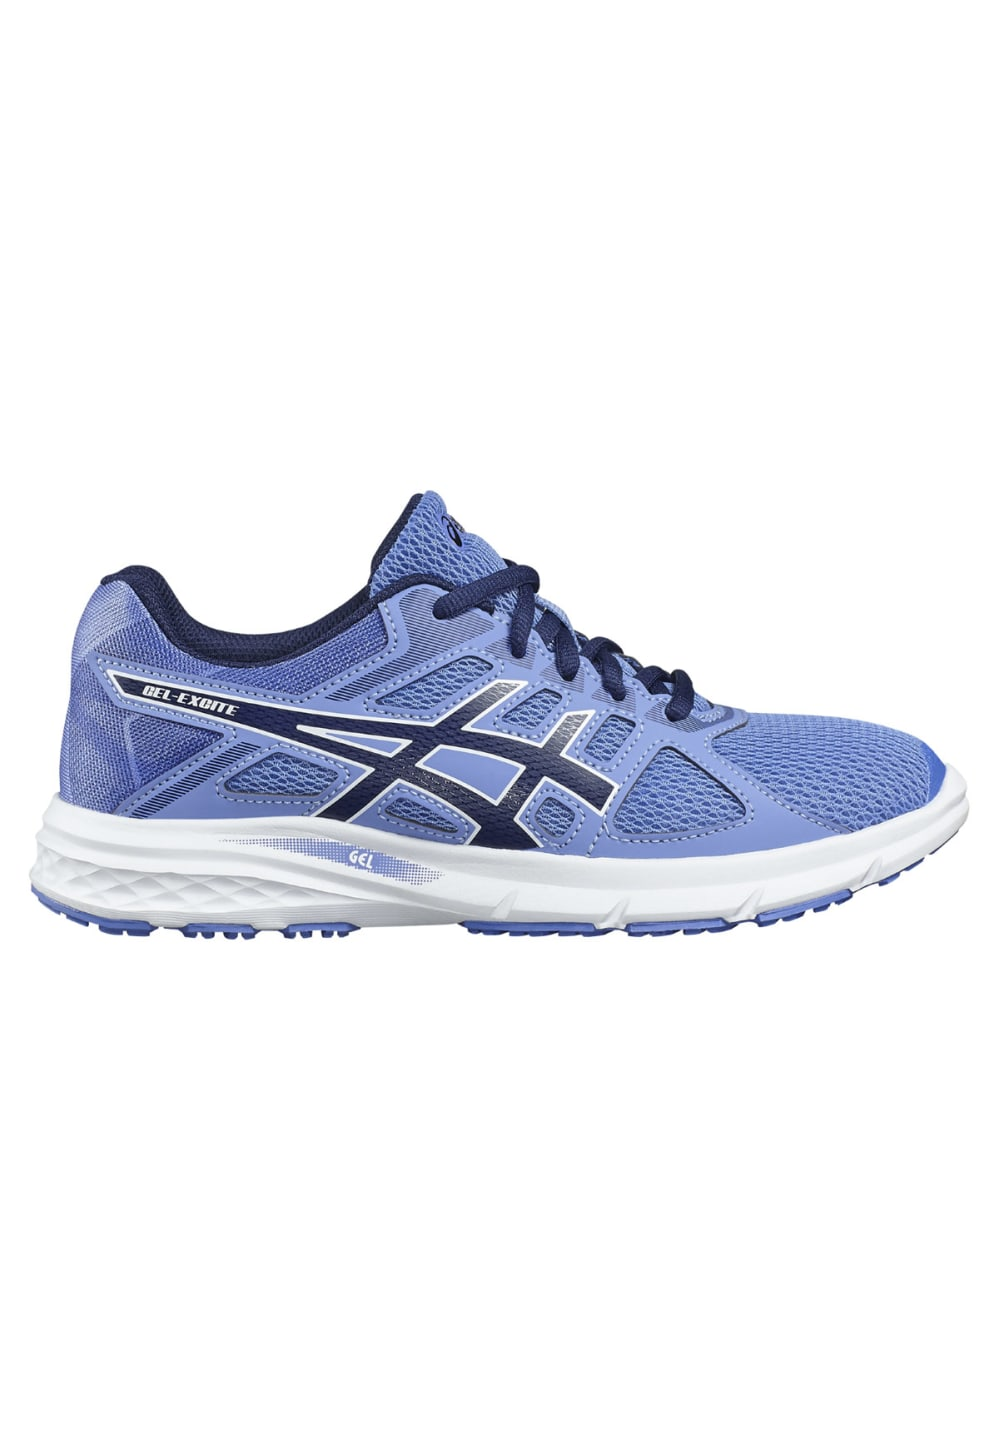 ASICS GEL-Excite 5 - Laufschuhe für Damen - Blau